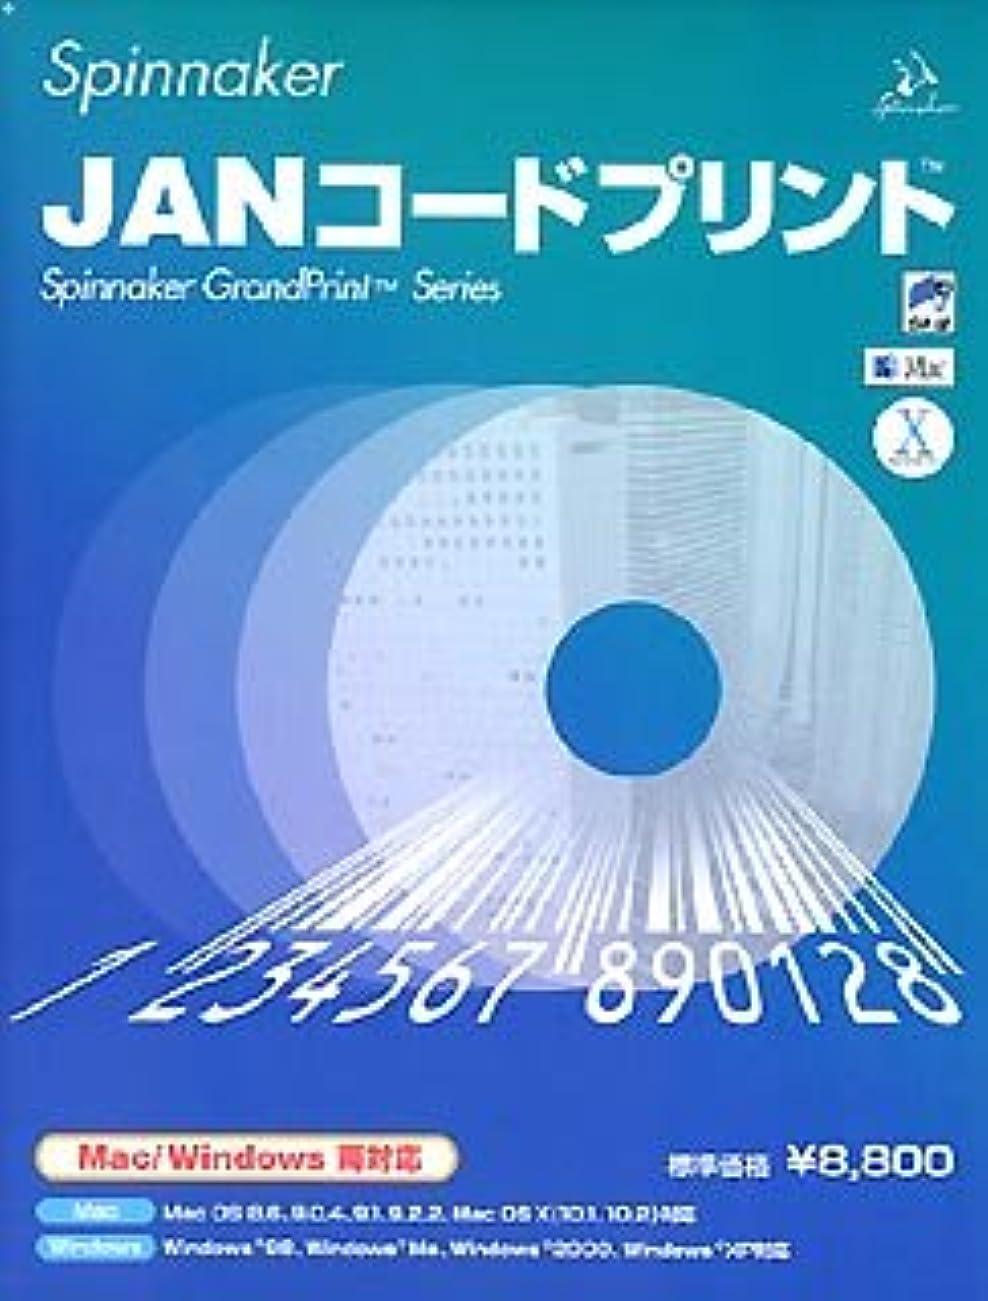 禁止批評誓約Spinnnaker JANコードプリント for Hybrid